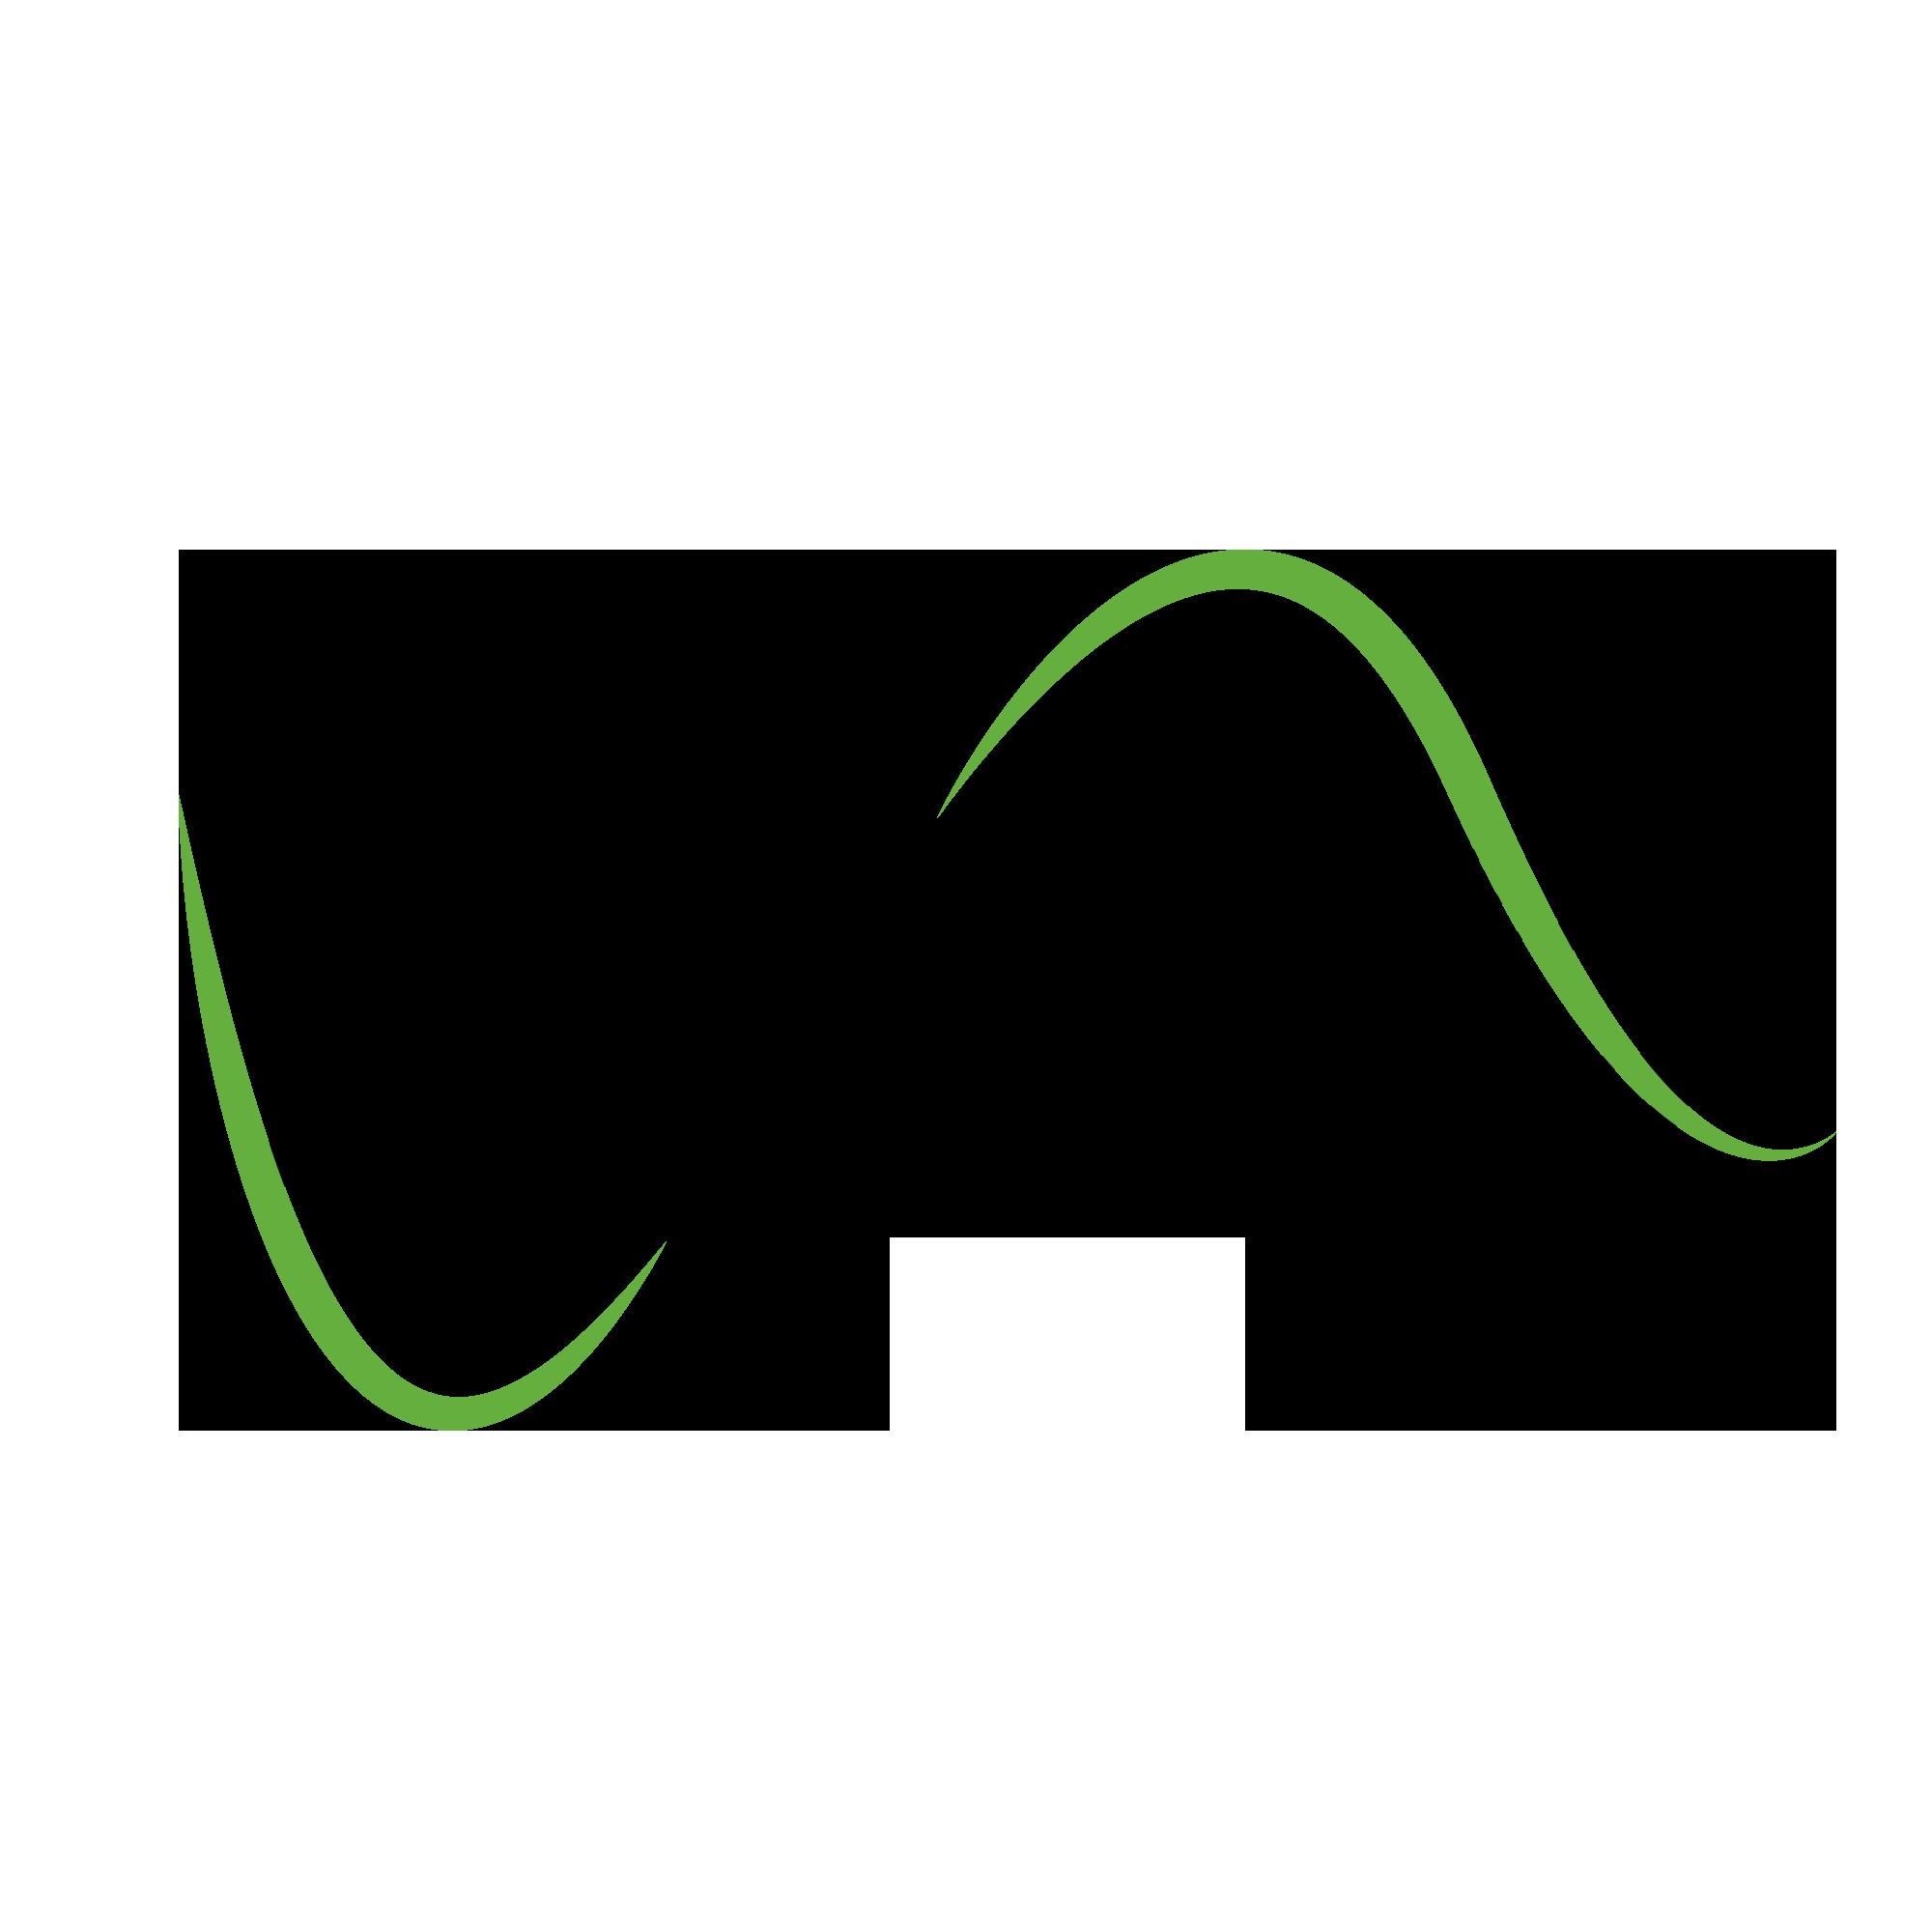 Hämorrhoiden Behandlung Logo